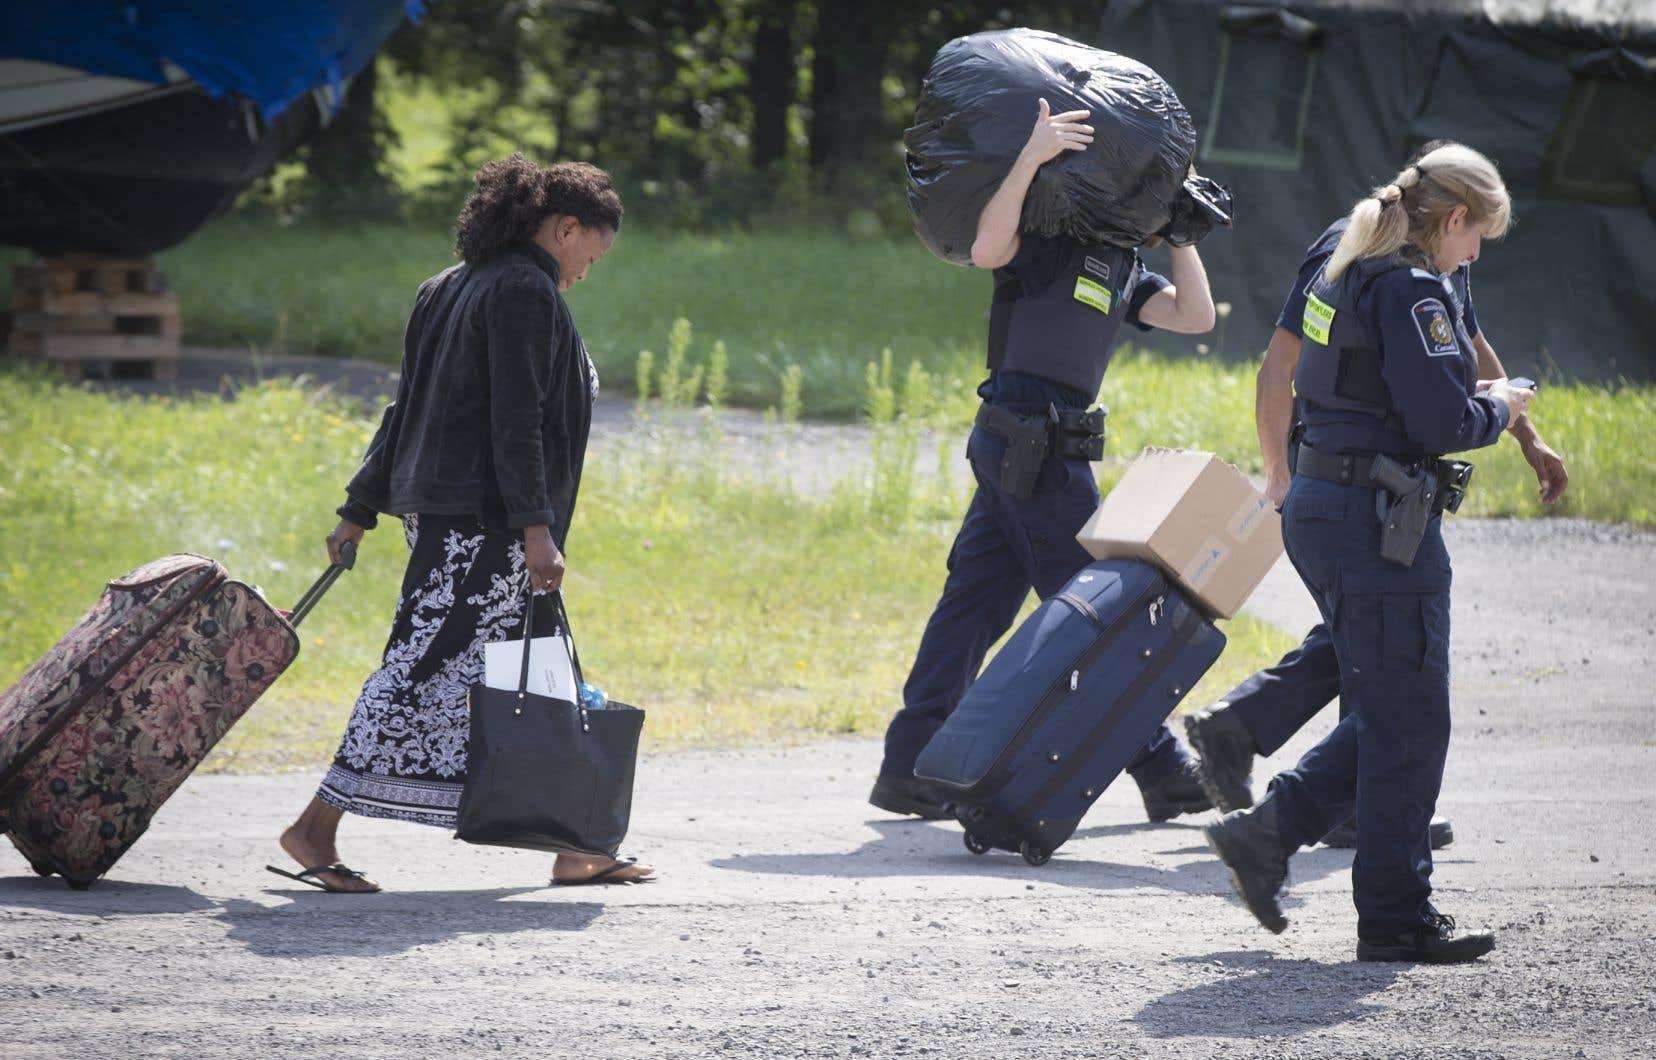 L'an dernier, 3557 personnes ont été détenues pour des motifs liés à l'immigration au Canada, une baisse de 8% par rapport à 2016.